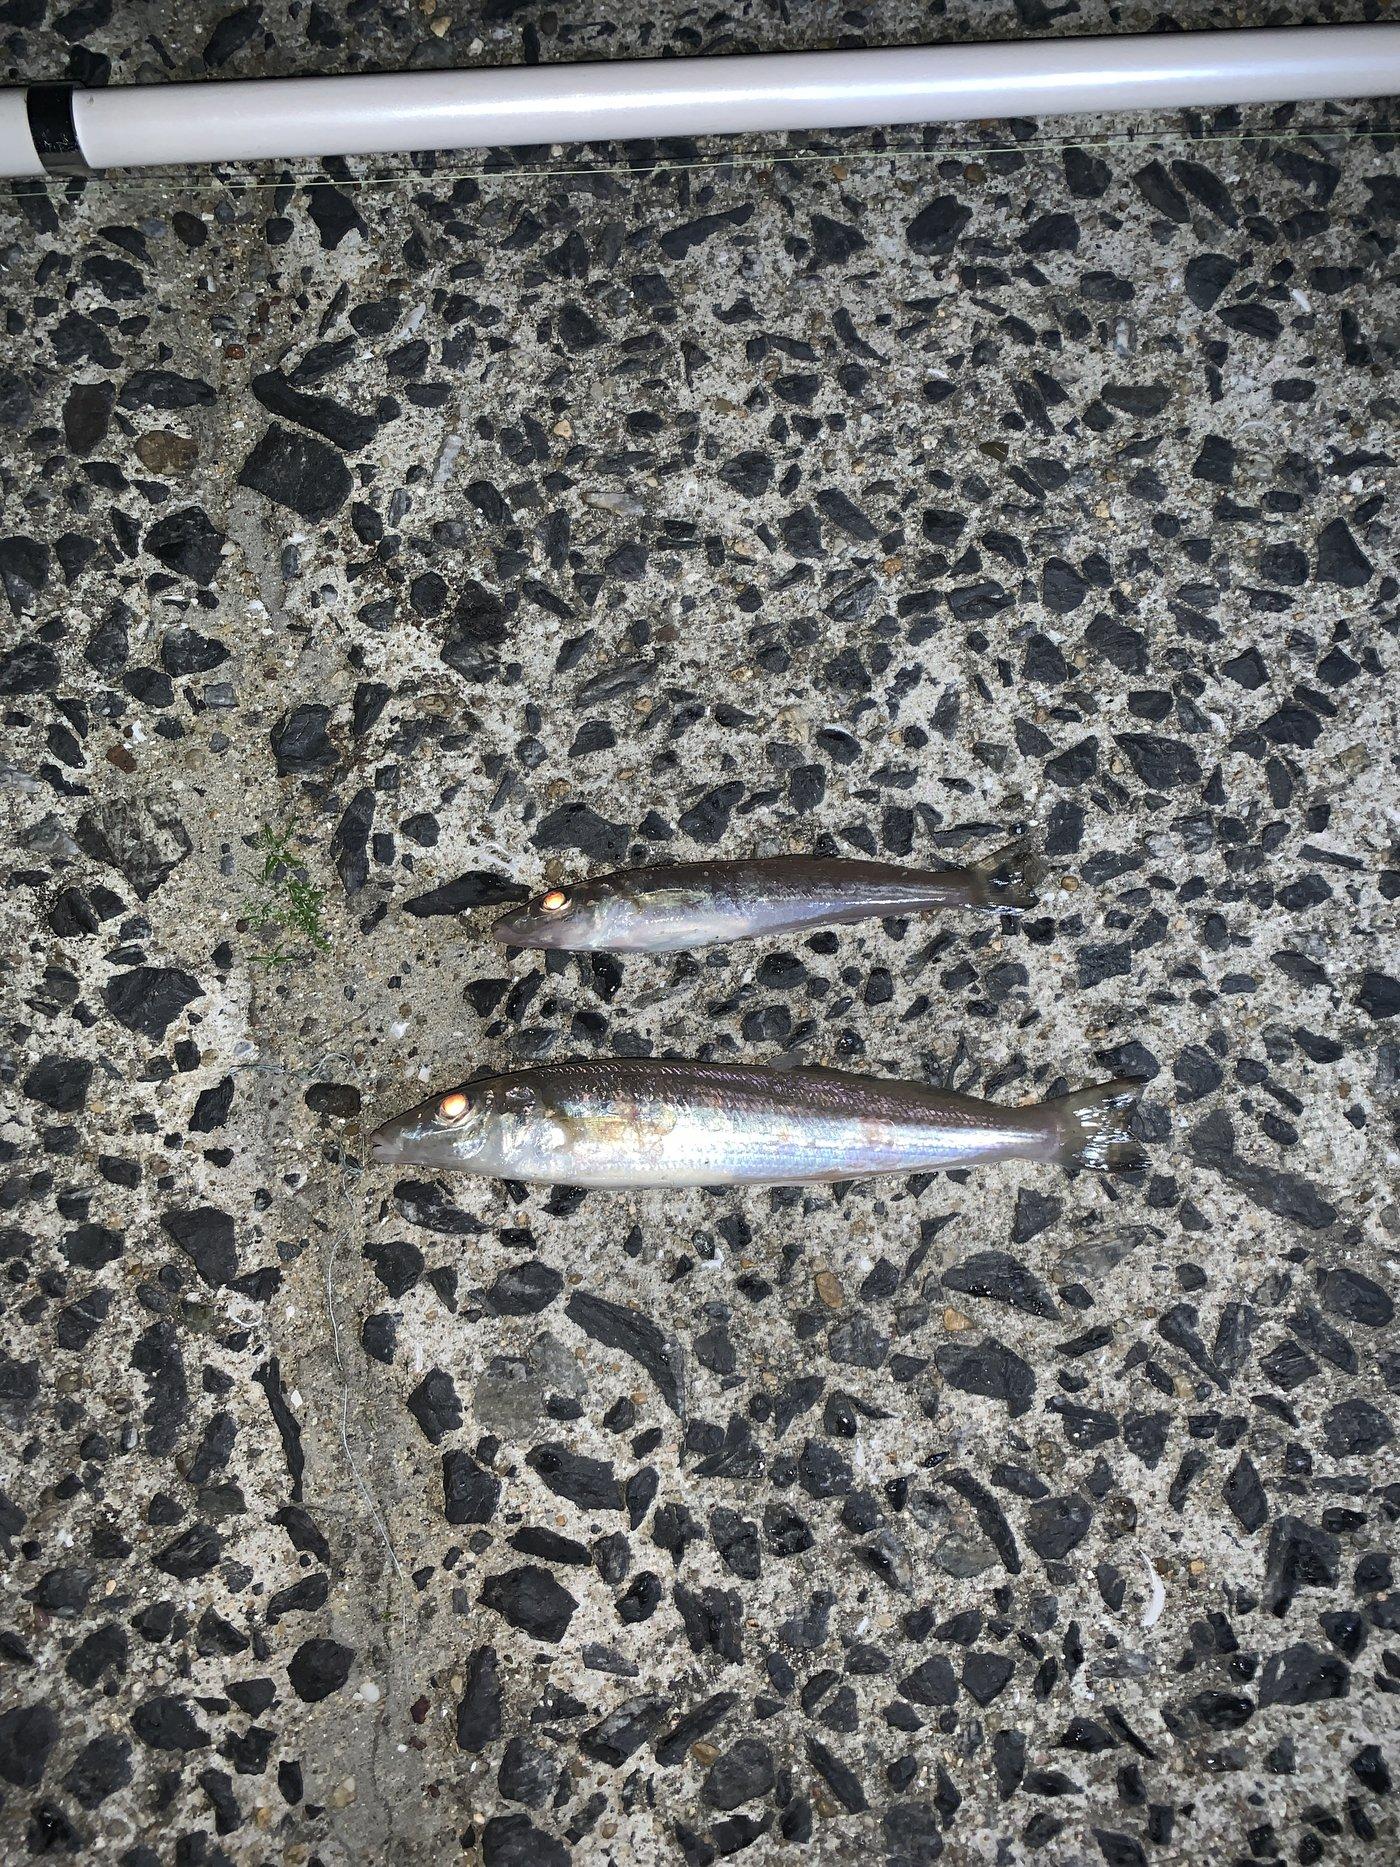 GOD大好き人間さんの投稿画像,写っている魚はシロギス,